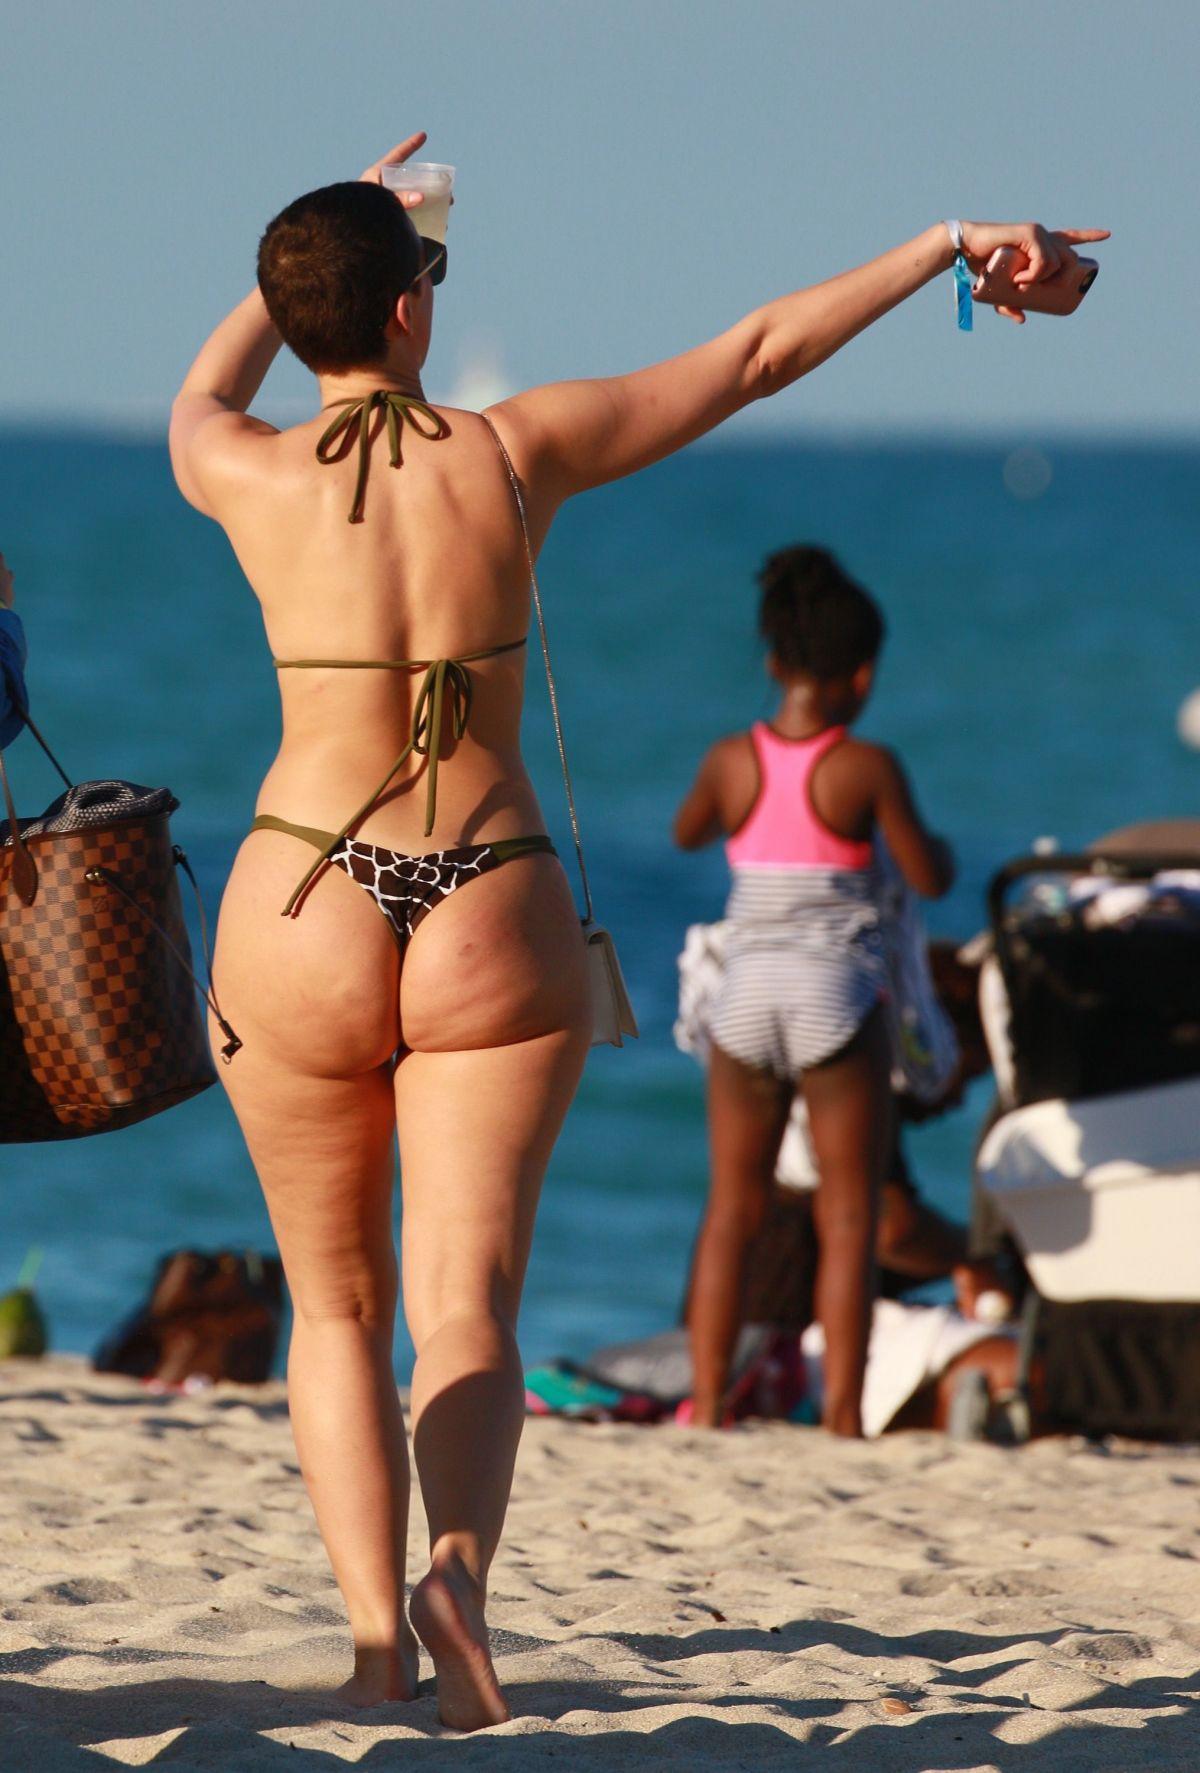 YesJulz nudes (37 foto), hacked Bikini, Twitter, in bikini 2020